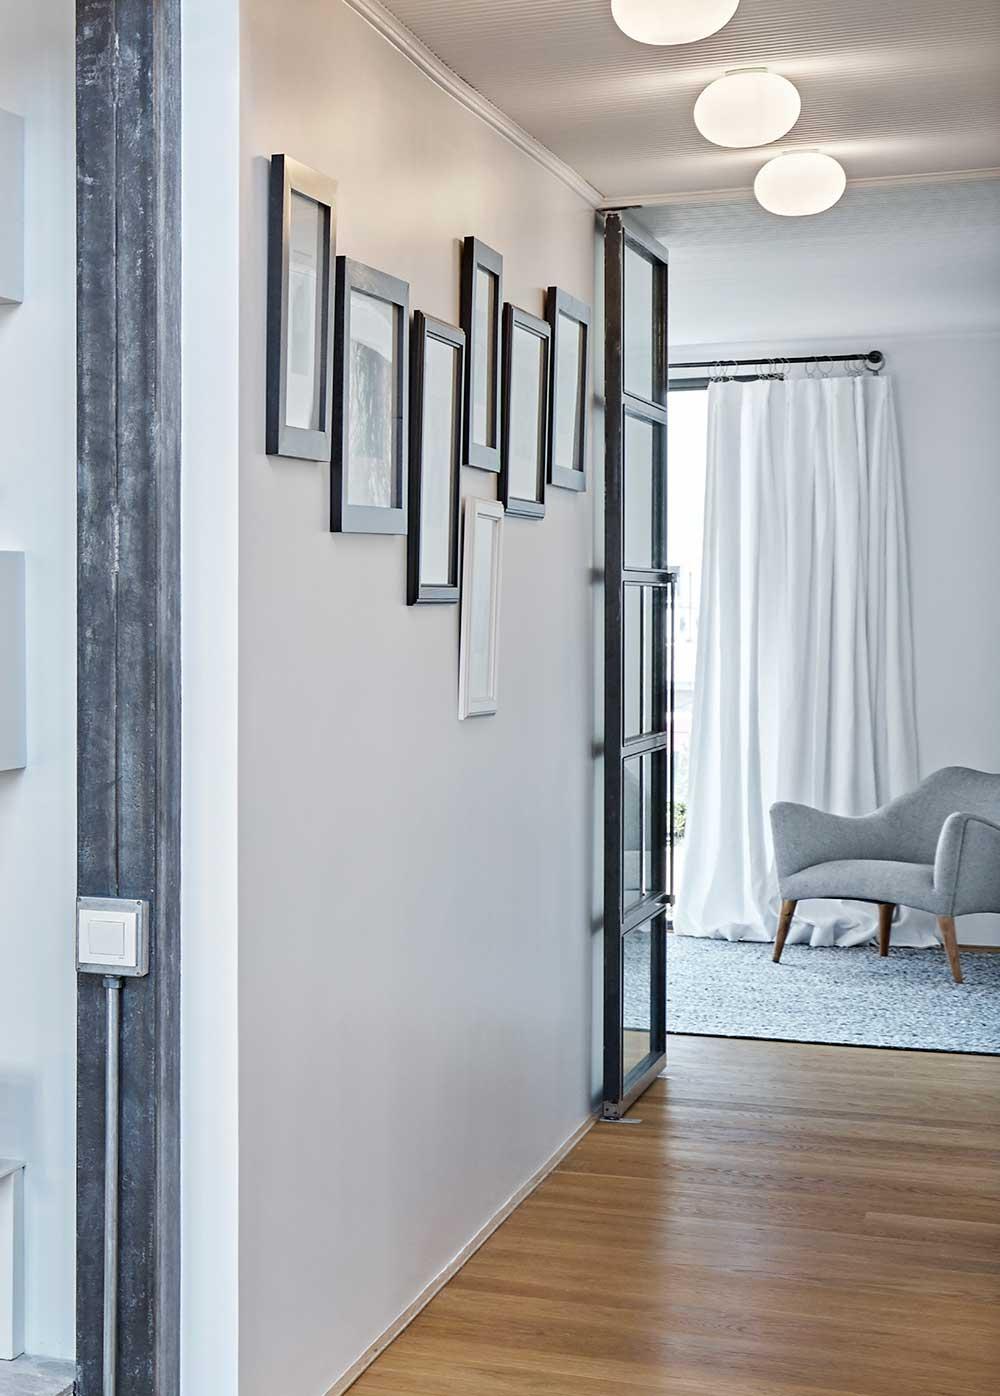 Corridor To Master Bedroom